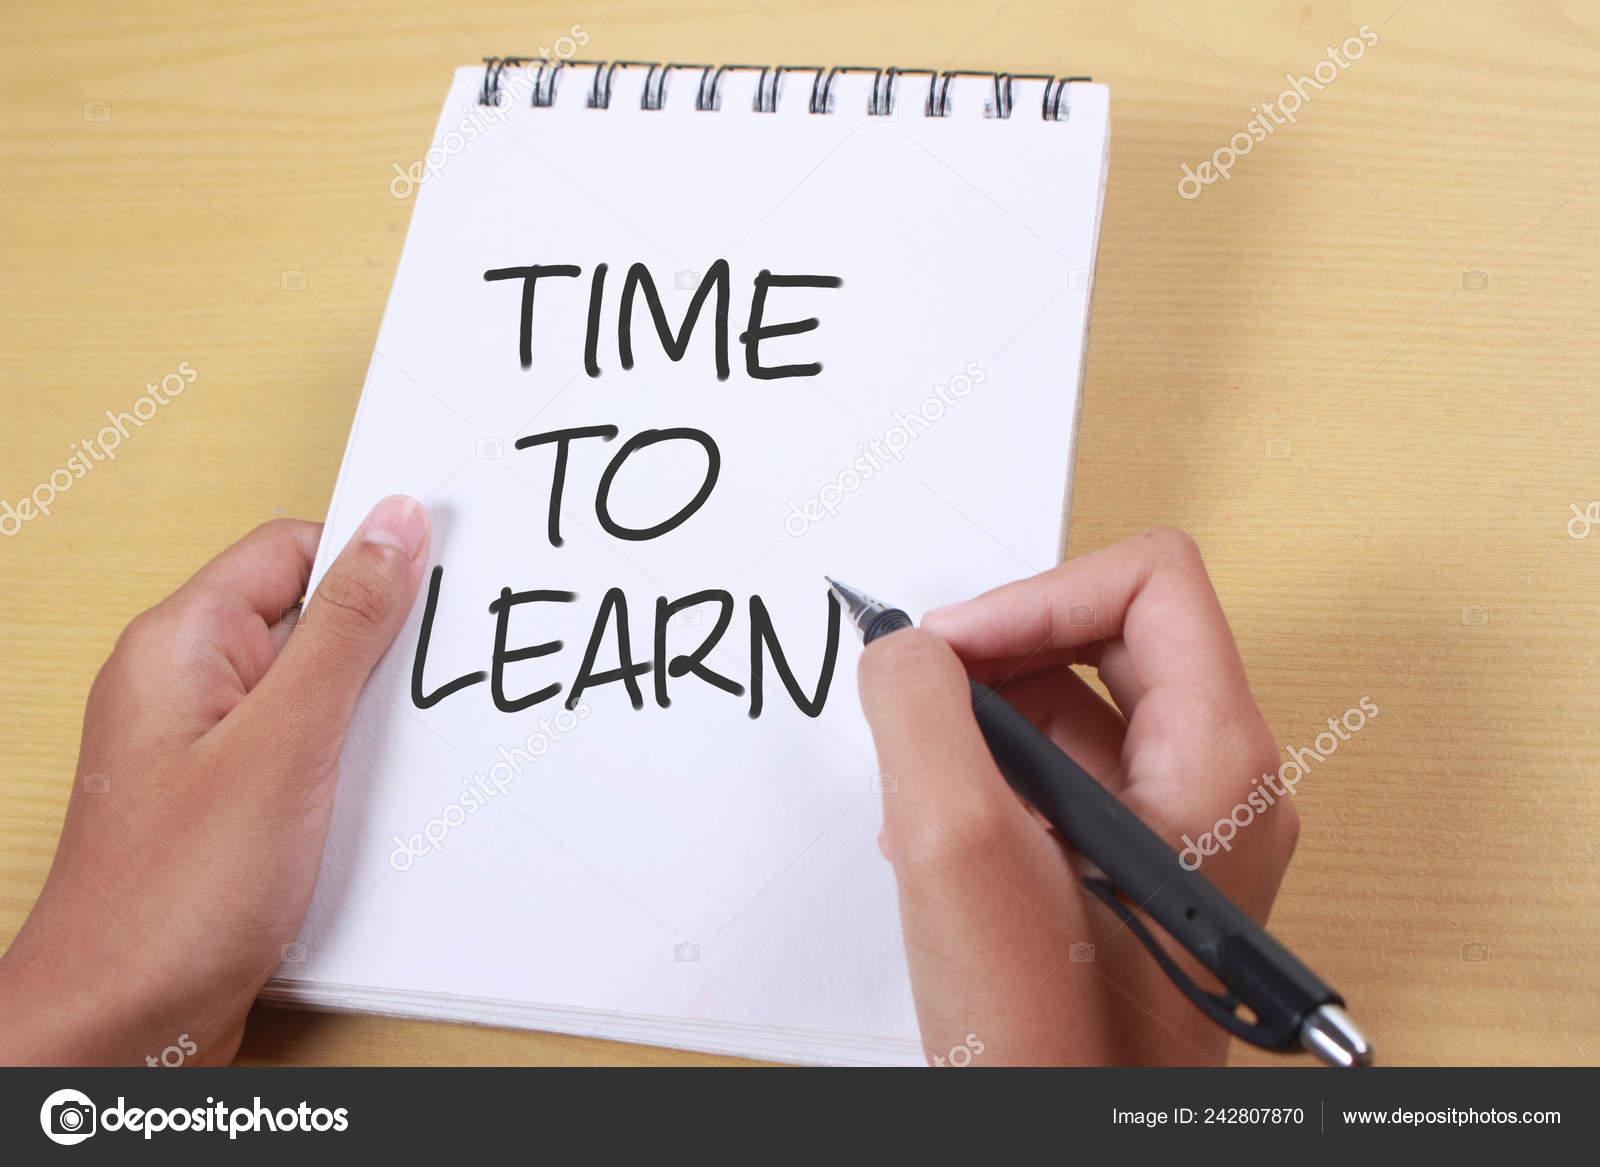 Zeit Lernen Unternehmen Motivierende Inspirierende Zitate